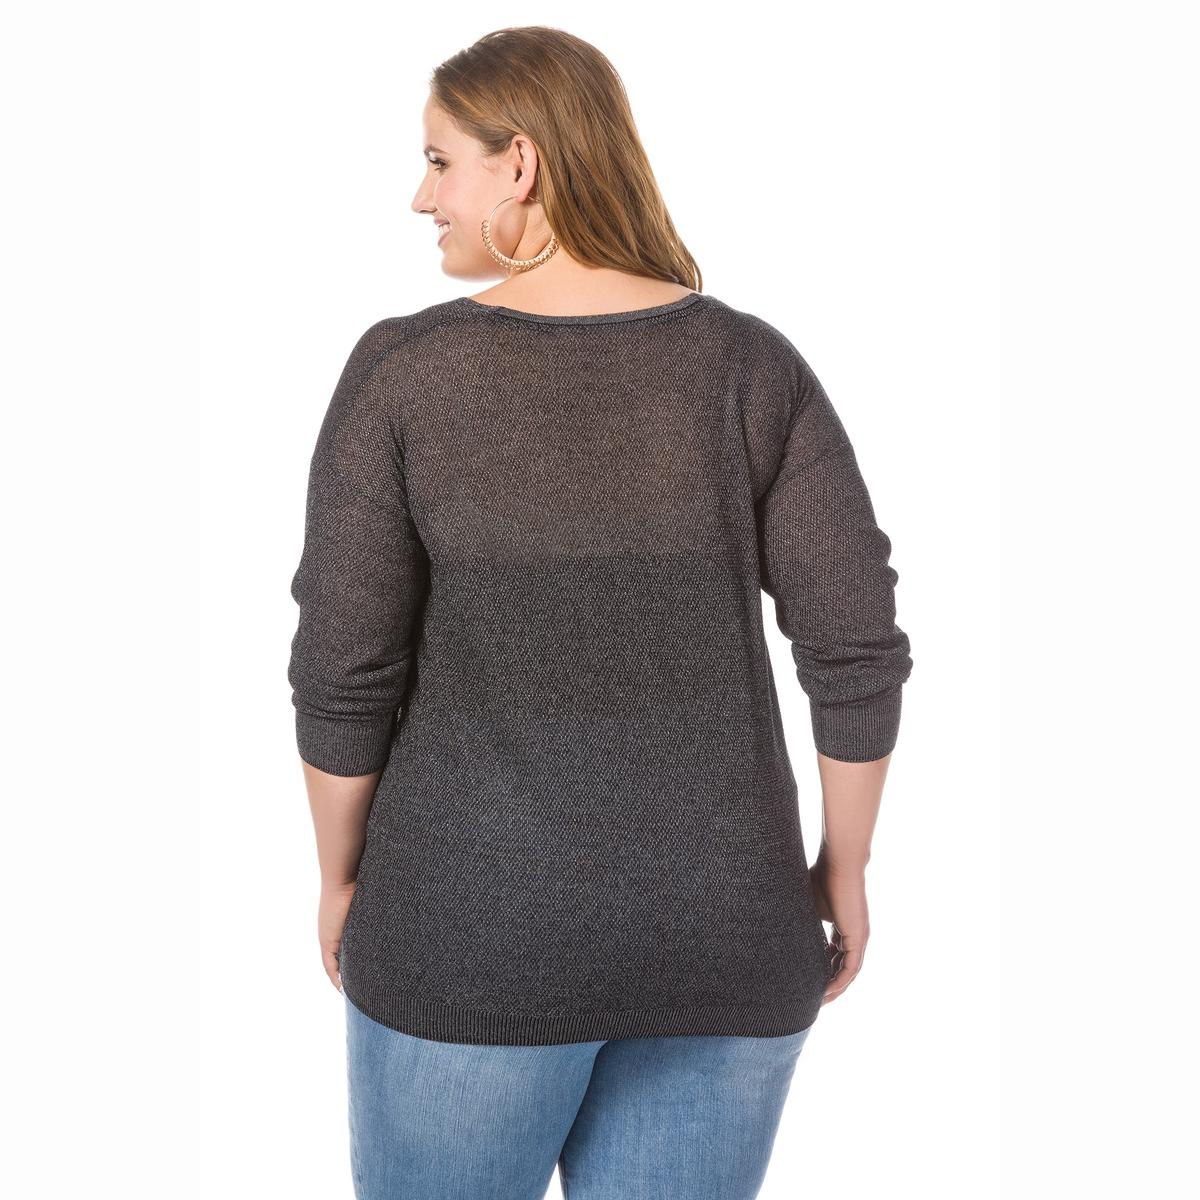 ПуловерПуловер STUDIO UNTOLD. Мягкий пуловер из красивой глянцевой пряжи. V-образный вырез, длинные рукава, низ с небольшими разрезами по бокам . 76% вискозы, 24% полиэстера.Длина, в зависимости от размера, от 65 до 70 см.<br><br>Цвет: черный<br>Размер: 56/58 (FR) - 62/64 (RUS)